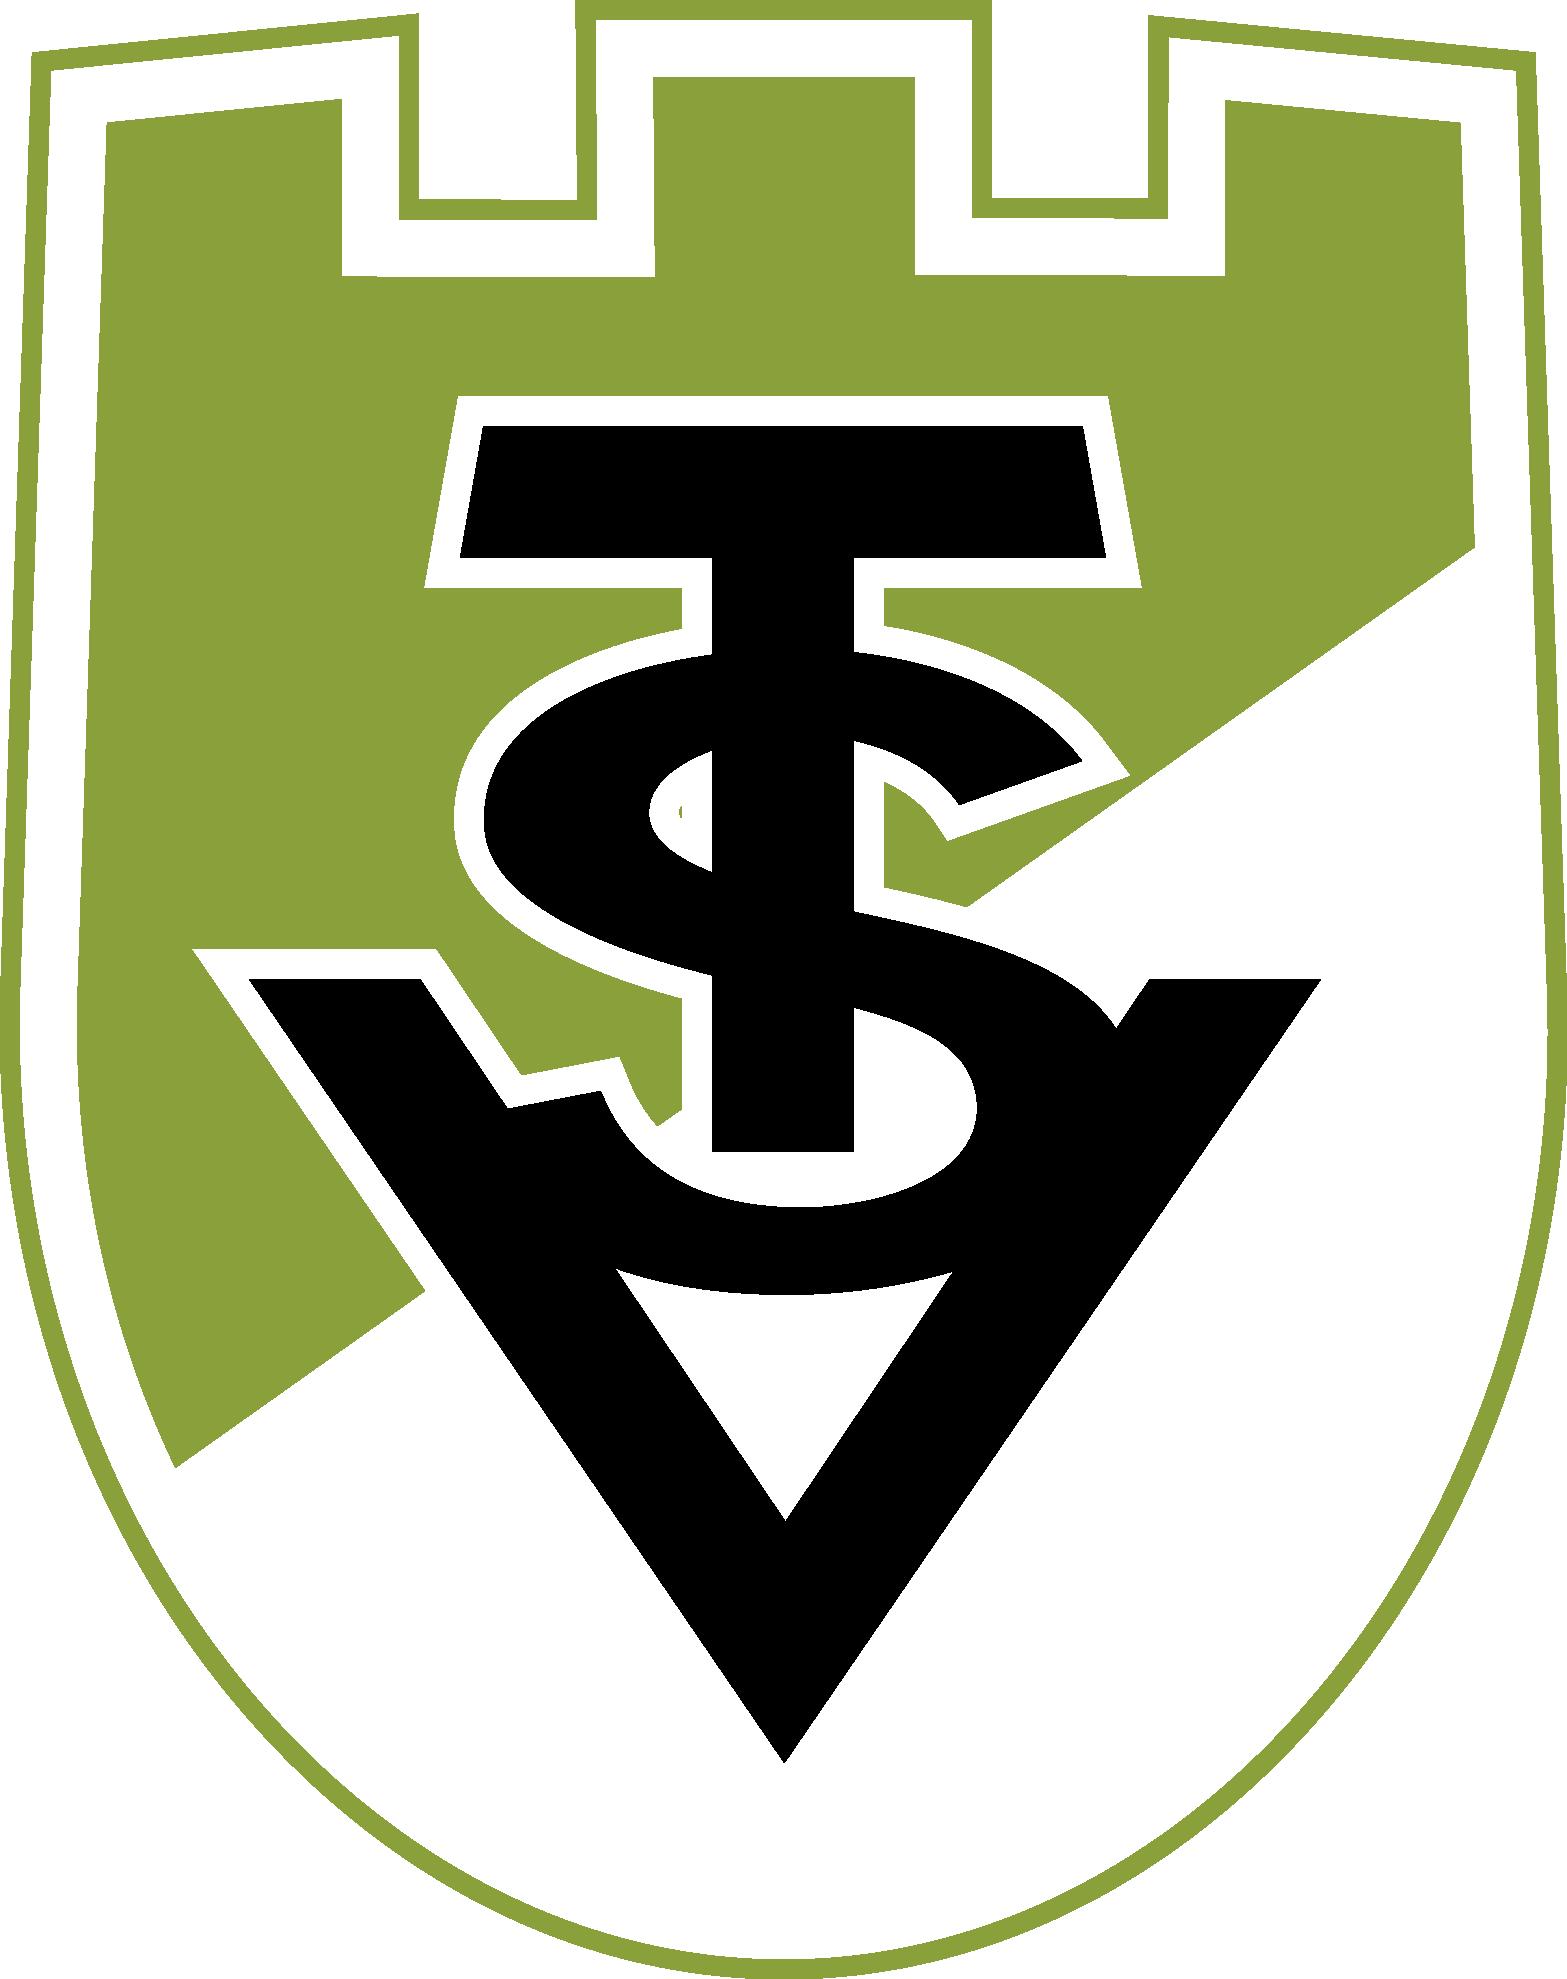 Dallas cowboys clipart badge. Vst volkermarkt football logos